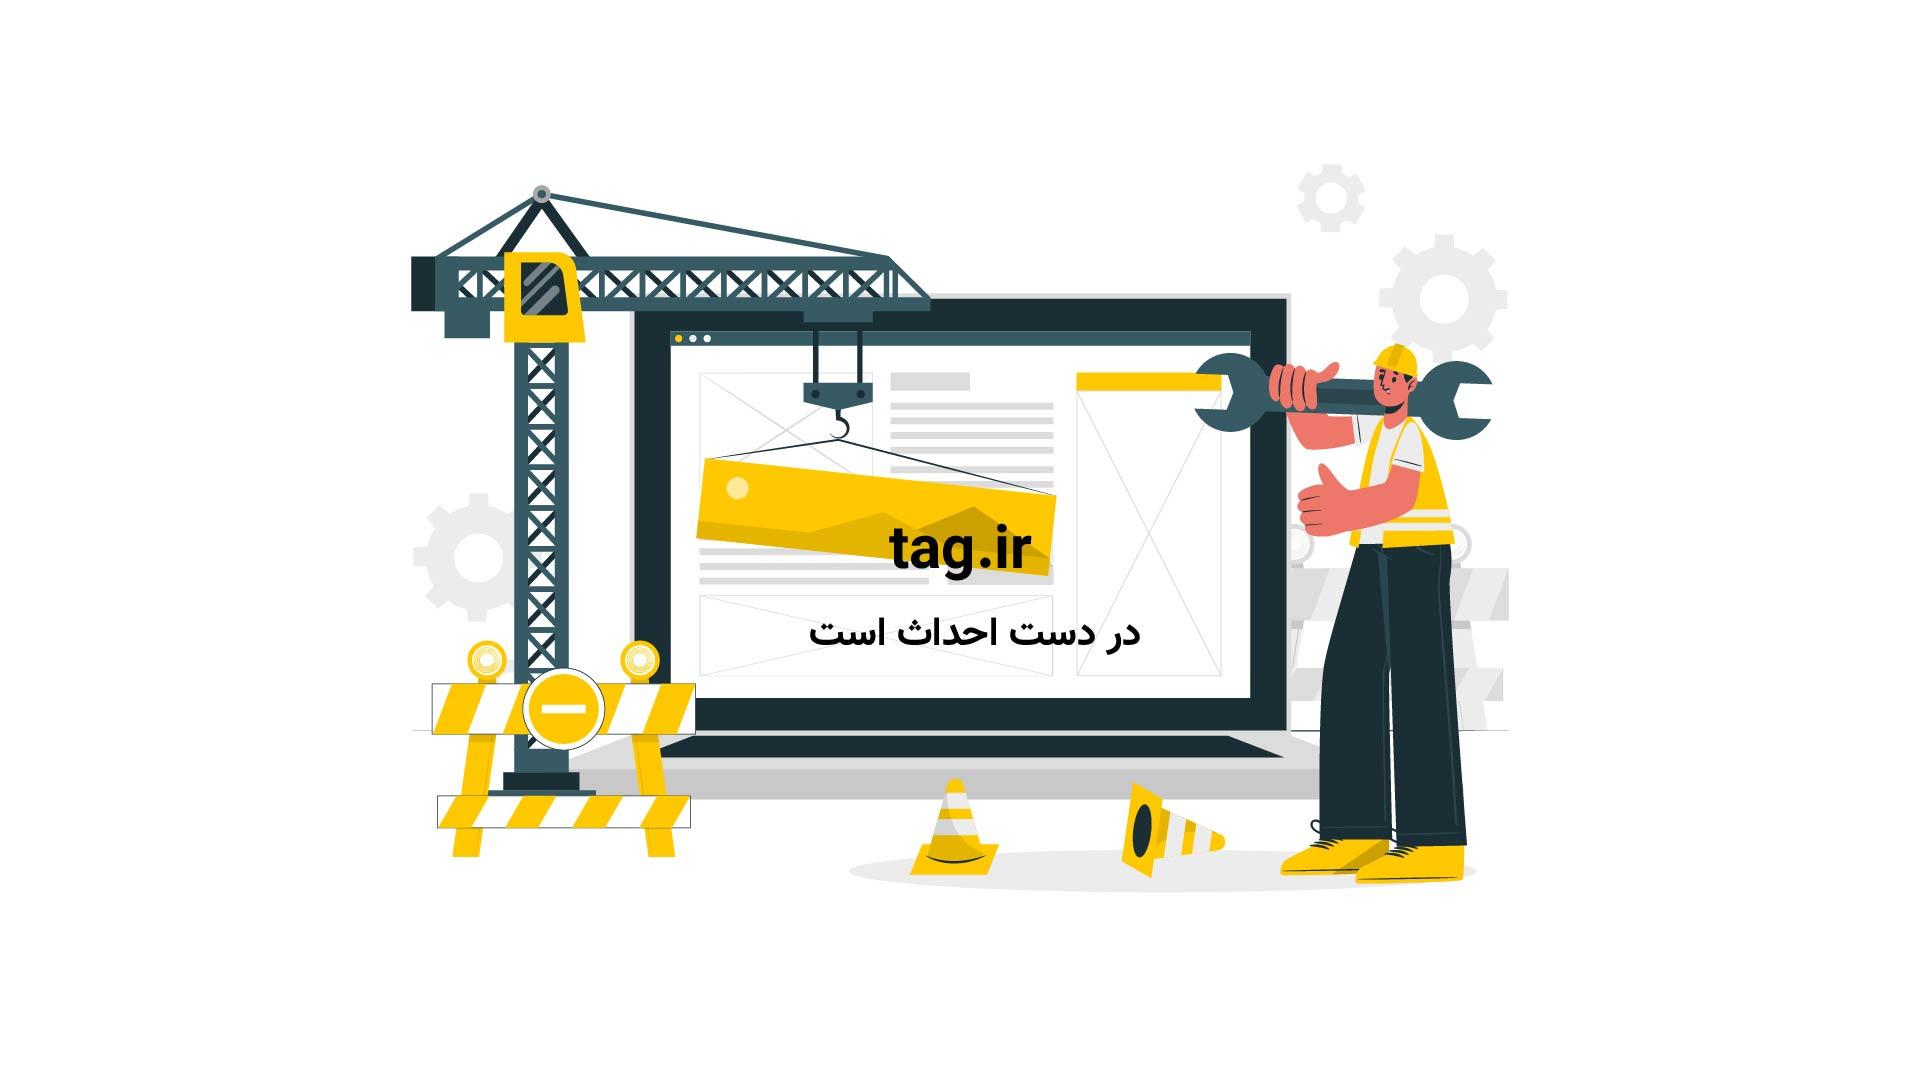 نمایش کمدی دورهمی با موضوع مراسم افتتاحیه   فیلم